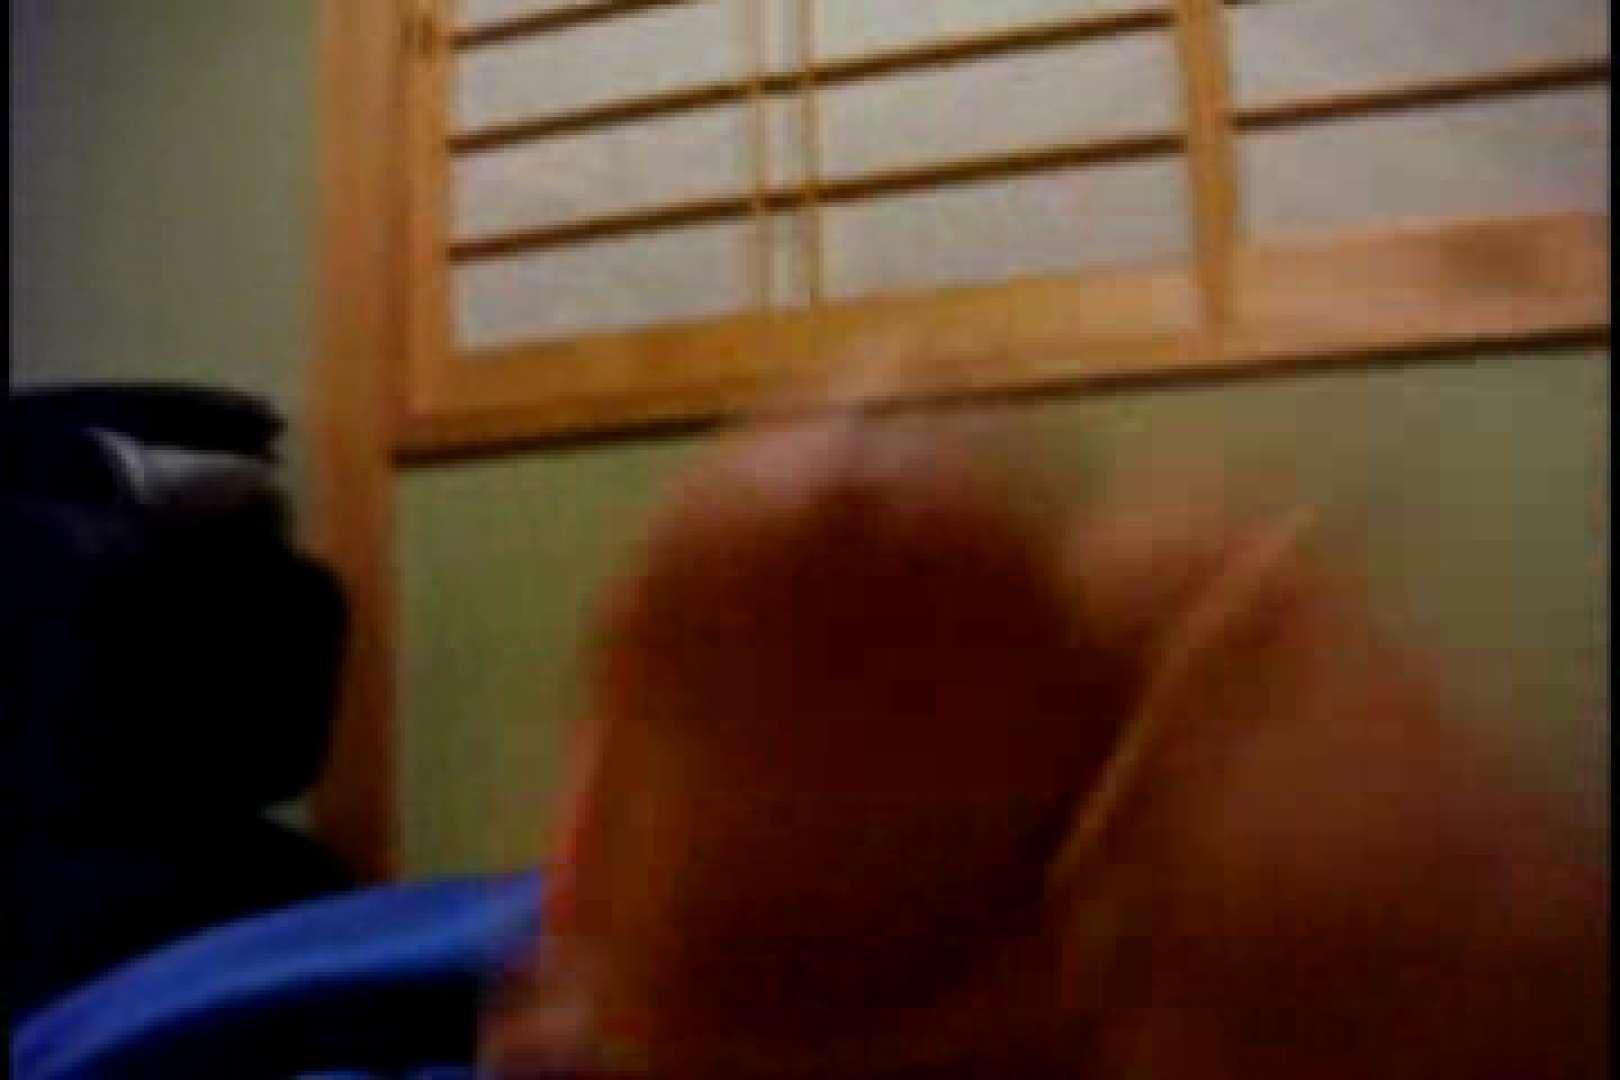 オナ好きノンケテニス部員の自画撮り投稿vol.02 オナニー アダルトビデオ画像キャプチャ 89pic 60